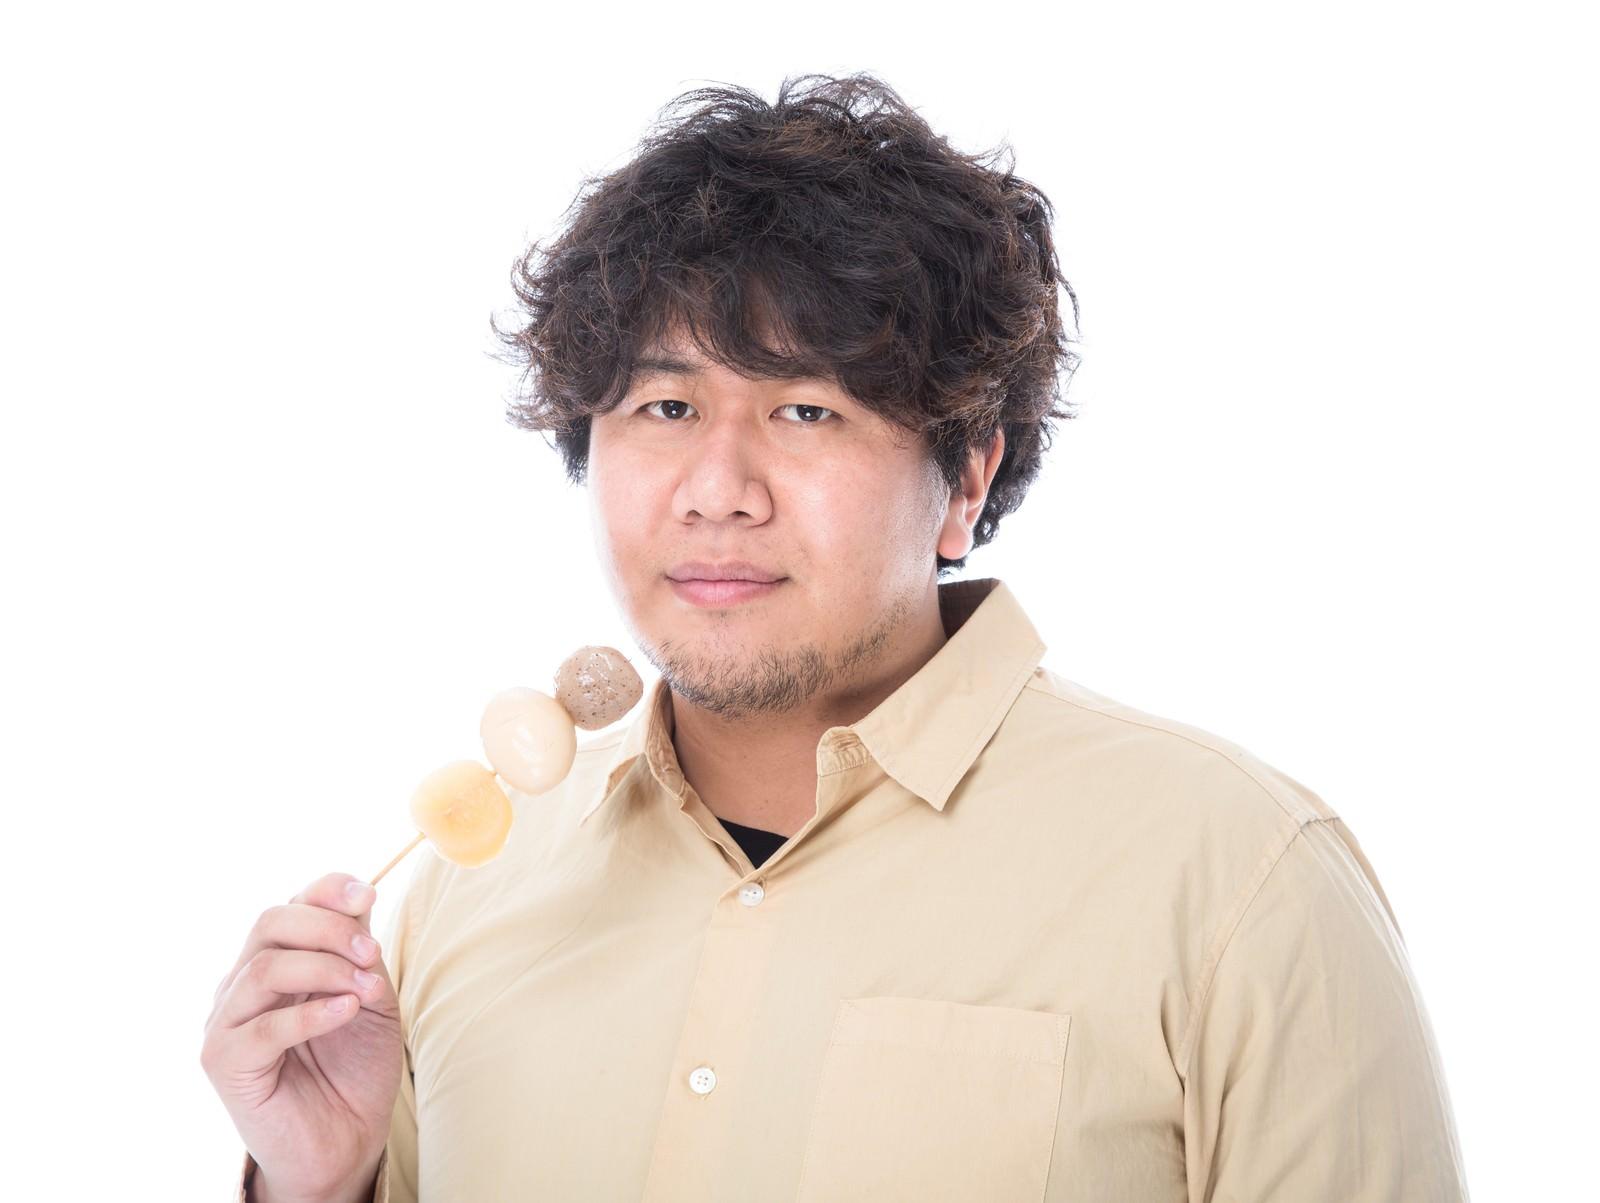 「太りたいならコンビニでおでんを大量に買いなさい太りたいならコンビニでおでんを大量に買いなさい」[モデル:朽木誠一郎]のフリー写真素材を拡大